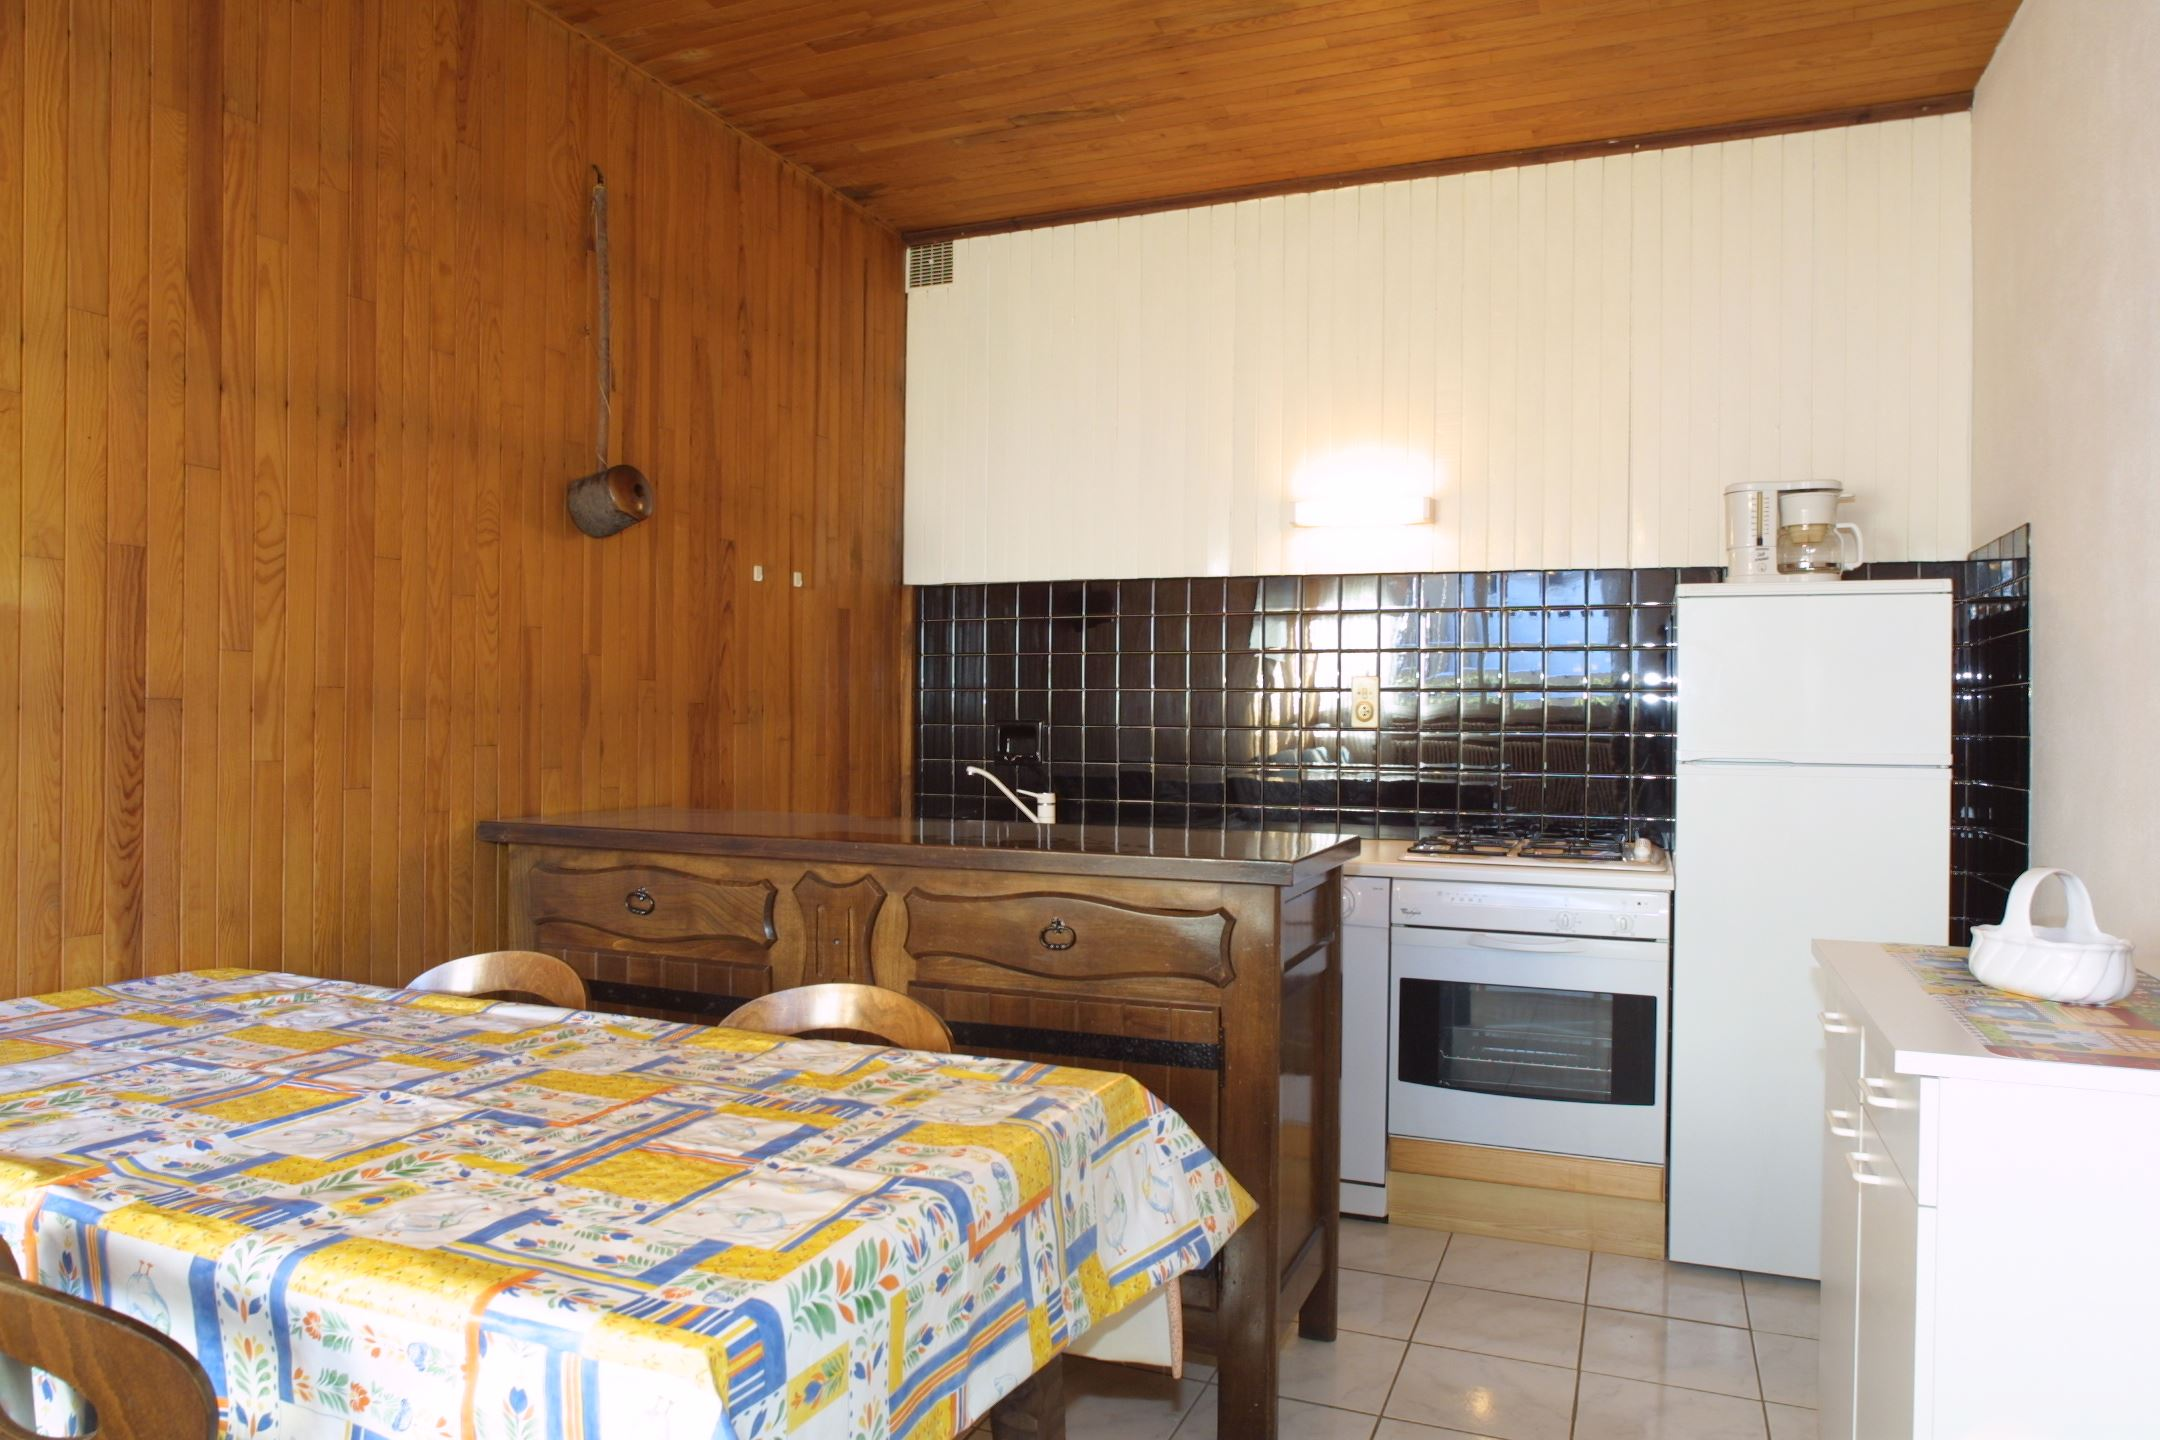 Lägenhet för 5 personer med 2 rum på Alaska n°2 - Les Gets